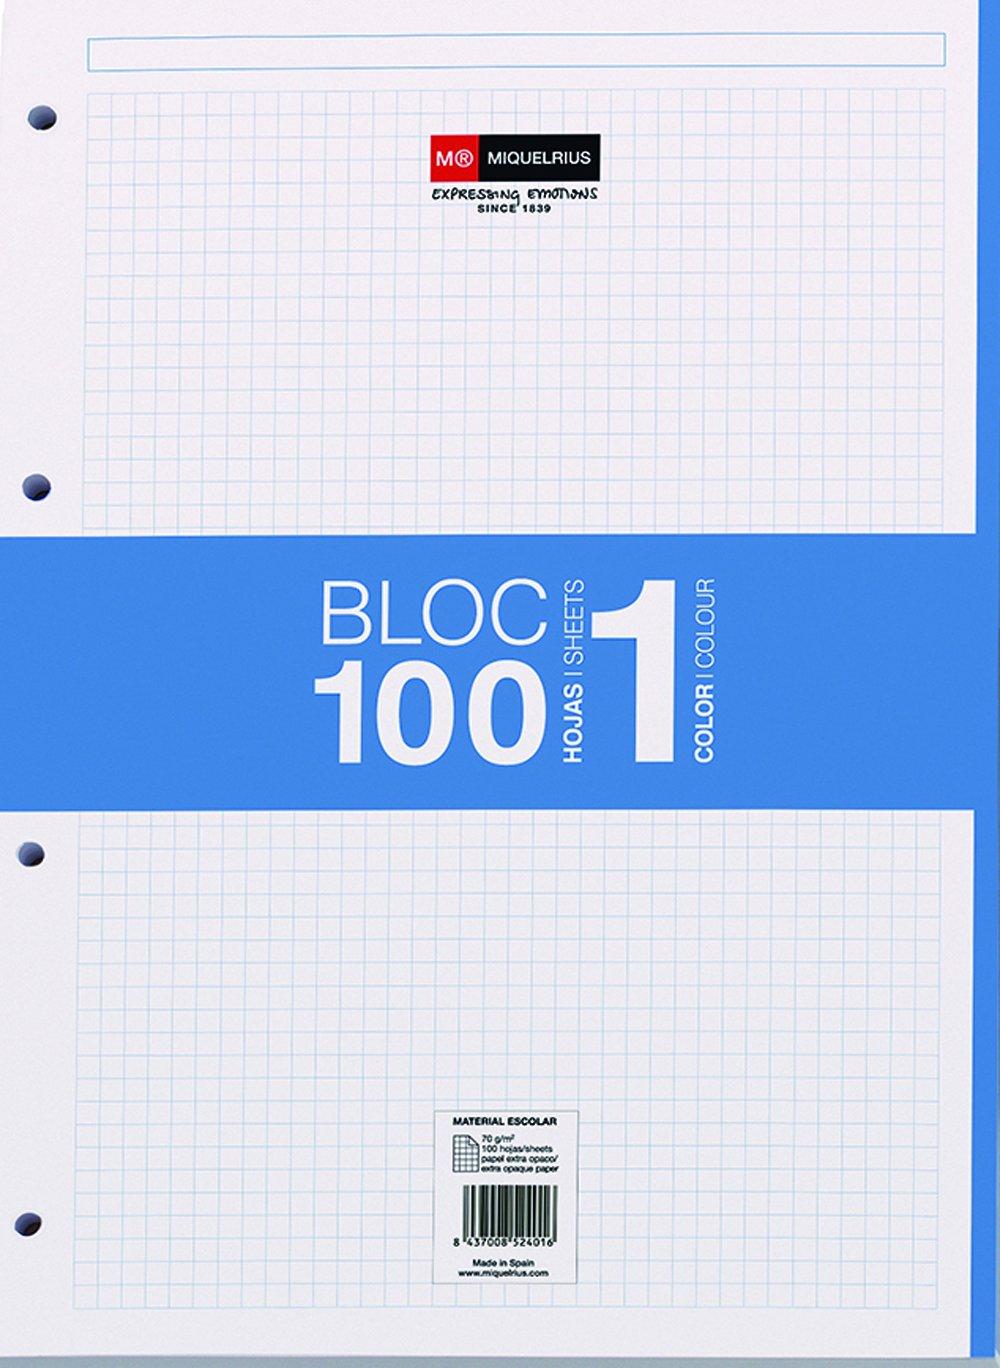 Miquelrius - Recambio hojas A4, 100 hojas, cuadrícula 5 mm, 4 taladros, color azul Miquel Rius 7421